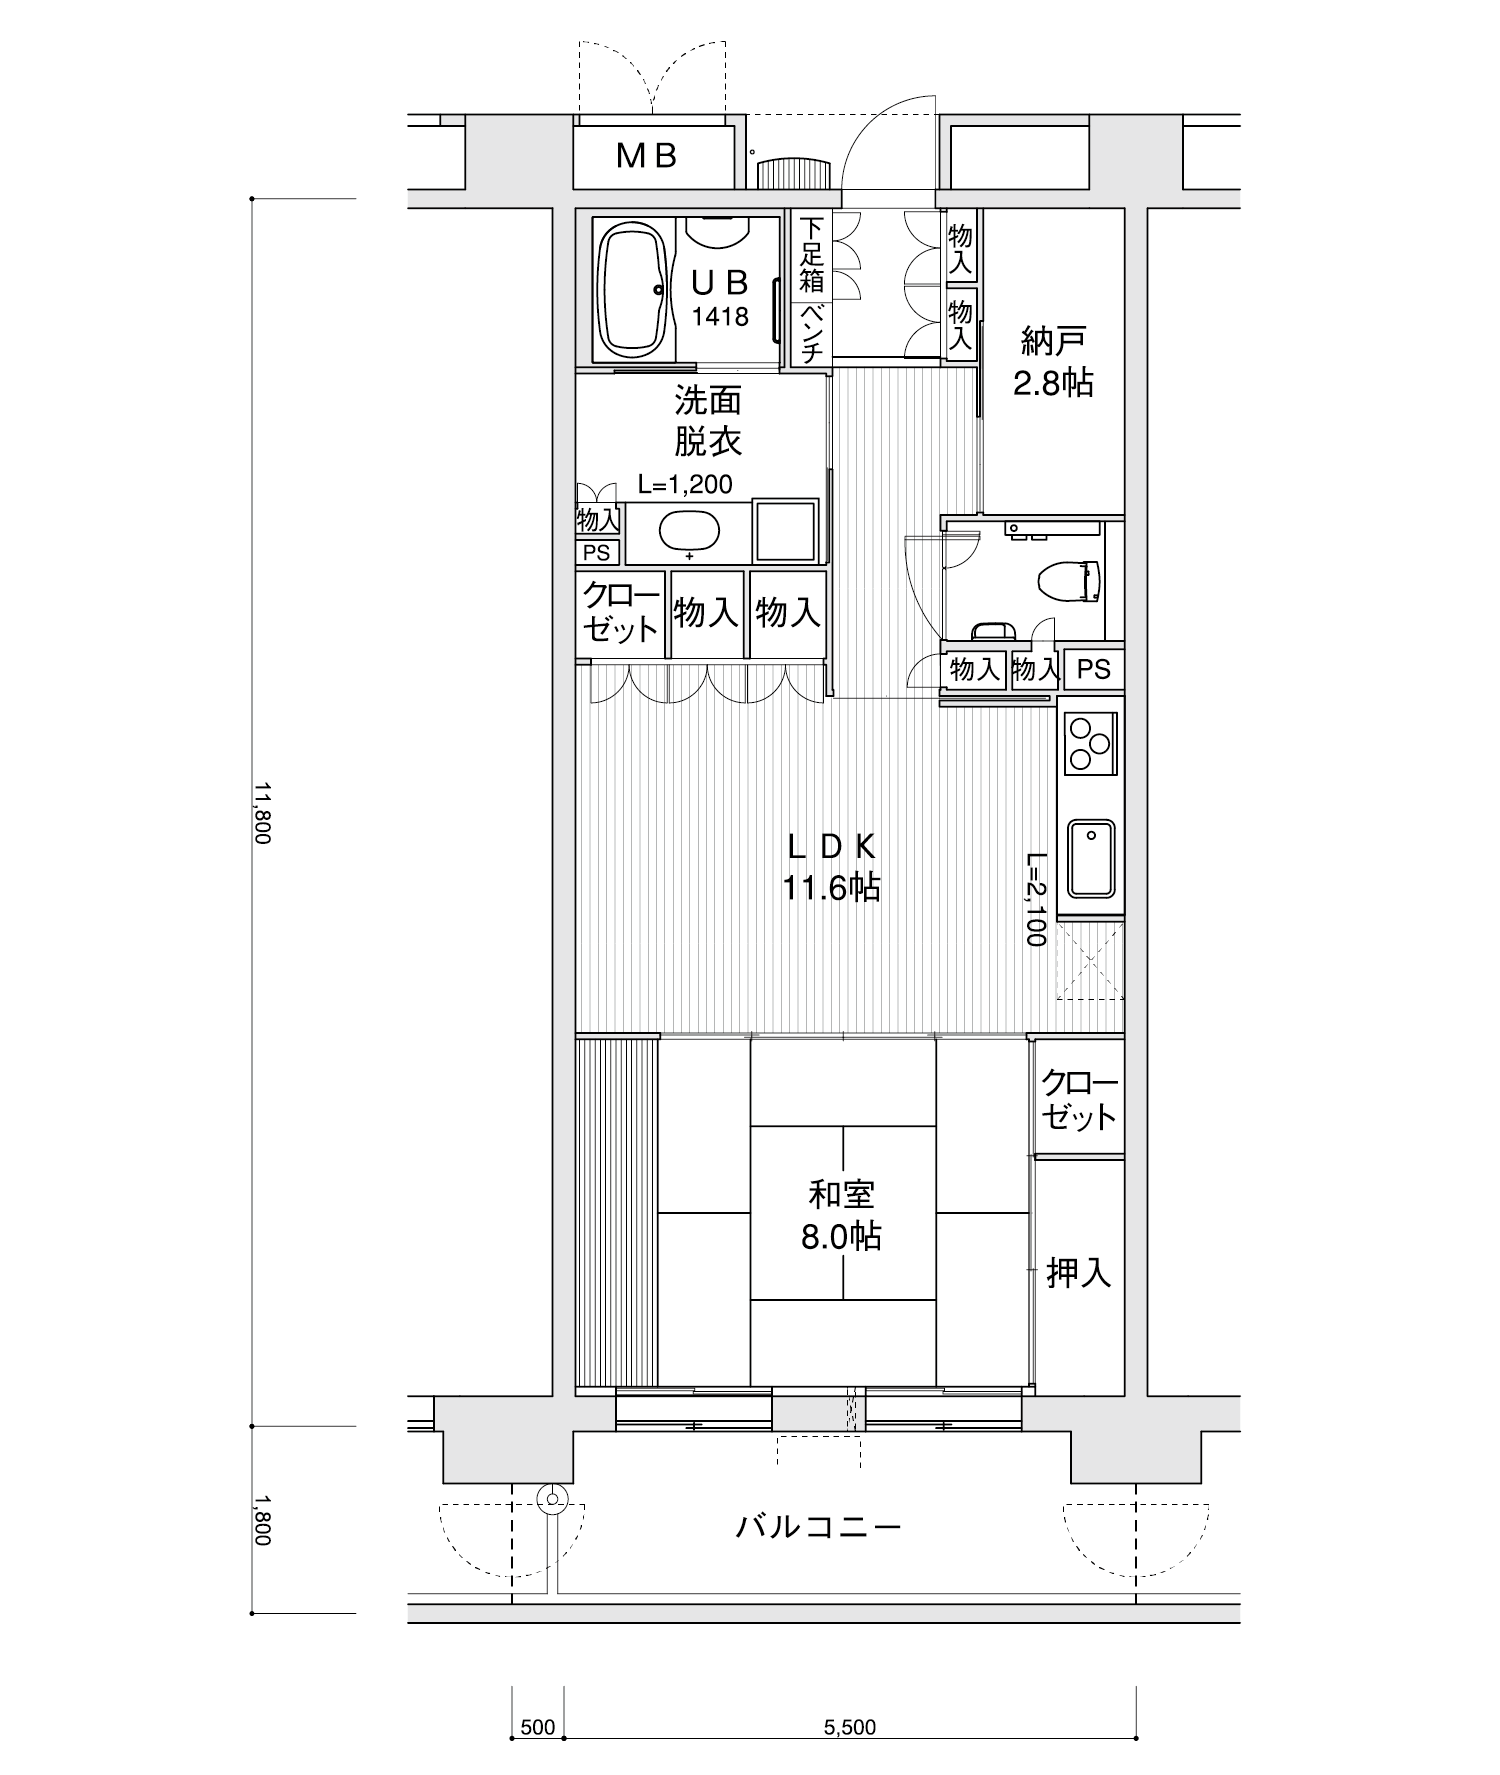 2105-C51LDK+納戸専有面積 / 64.90m²